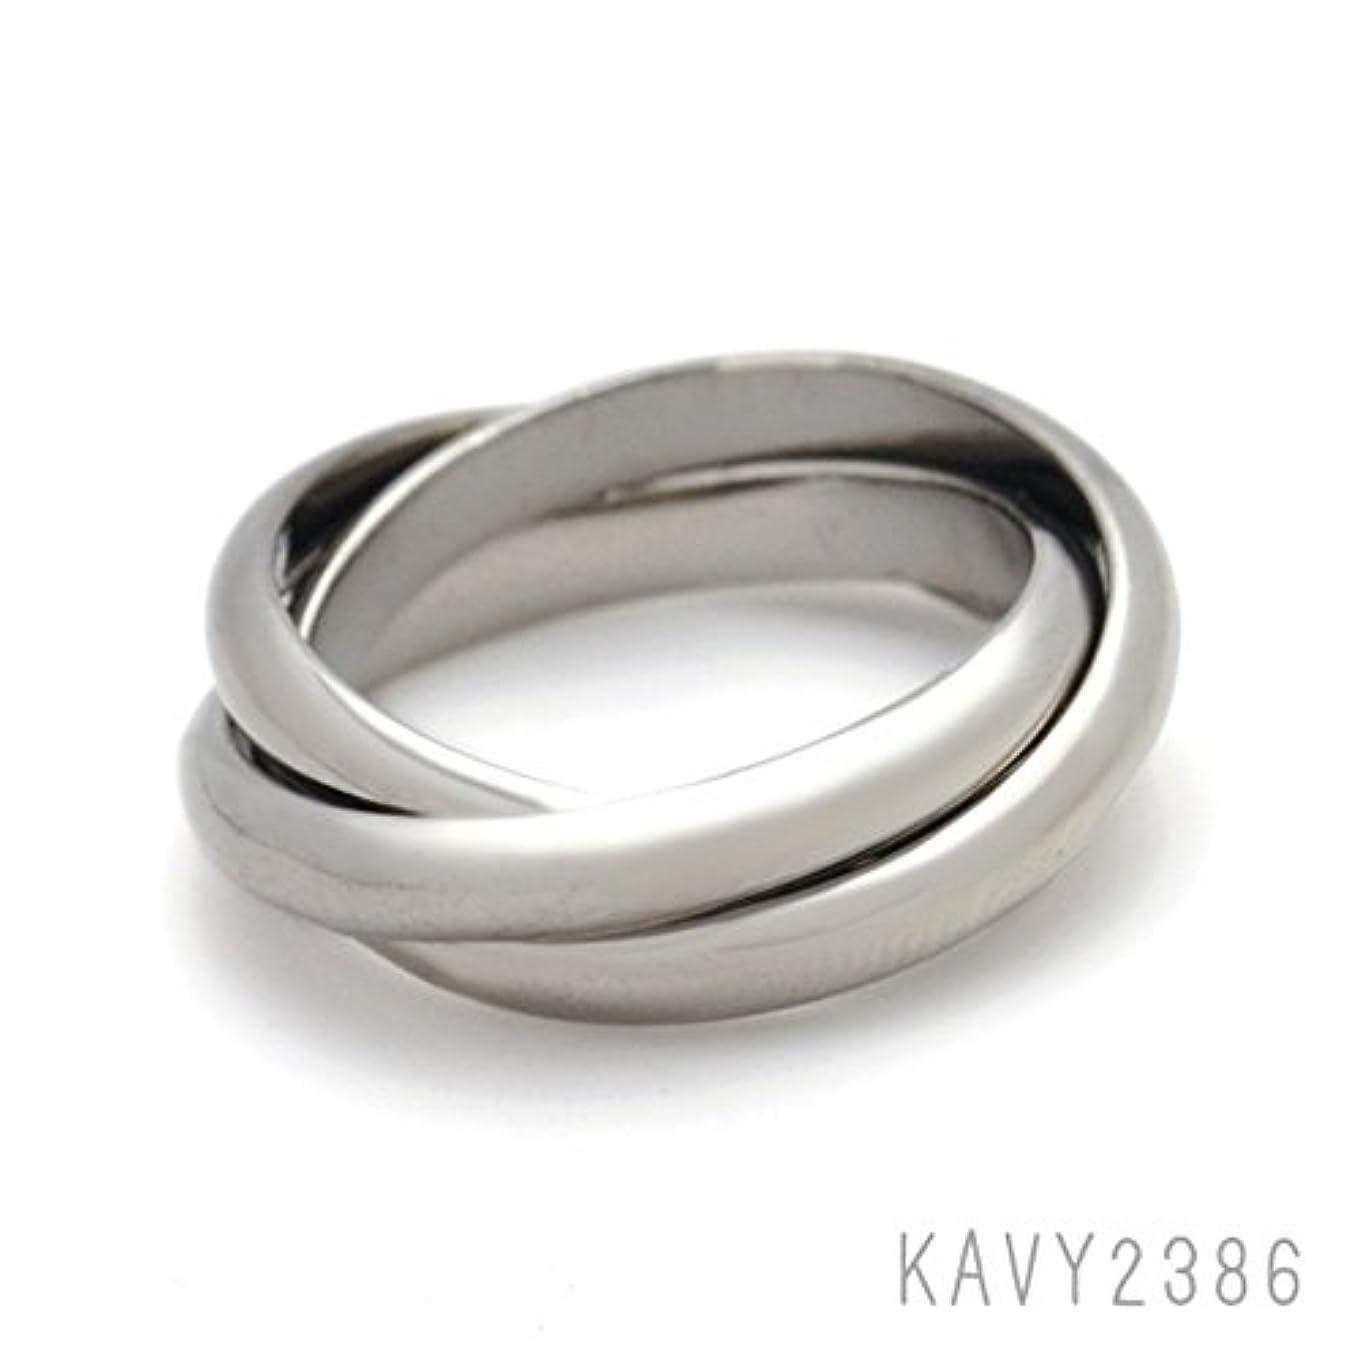 科学大混乱葉っぱ指輪 リング 上品な、トリニティデザイン 素敵な トリプルオーバーラップリング ブラックメタル